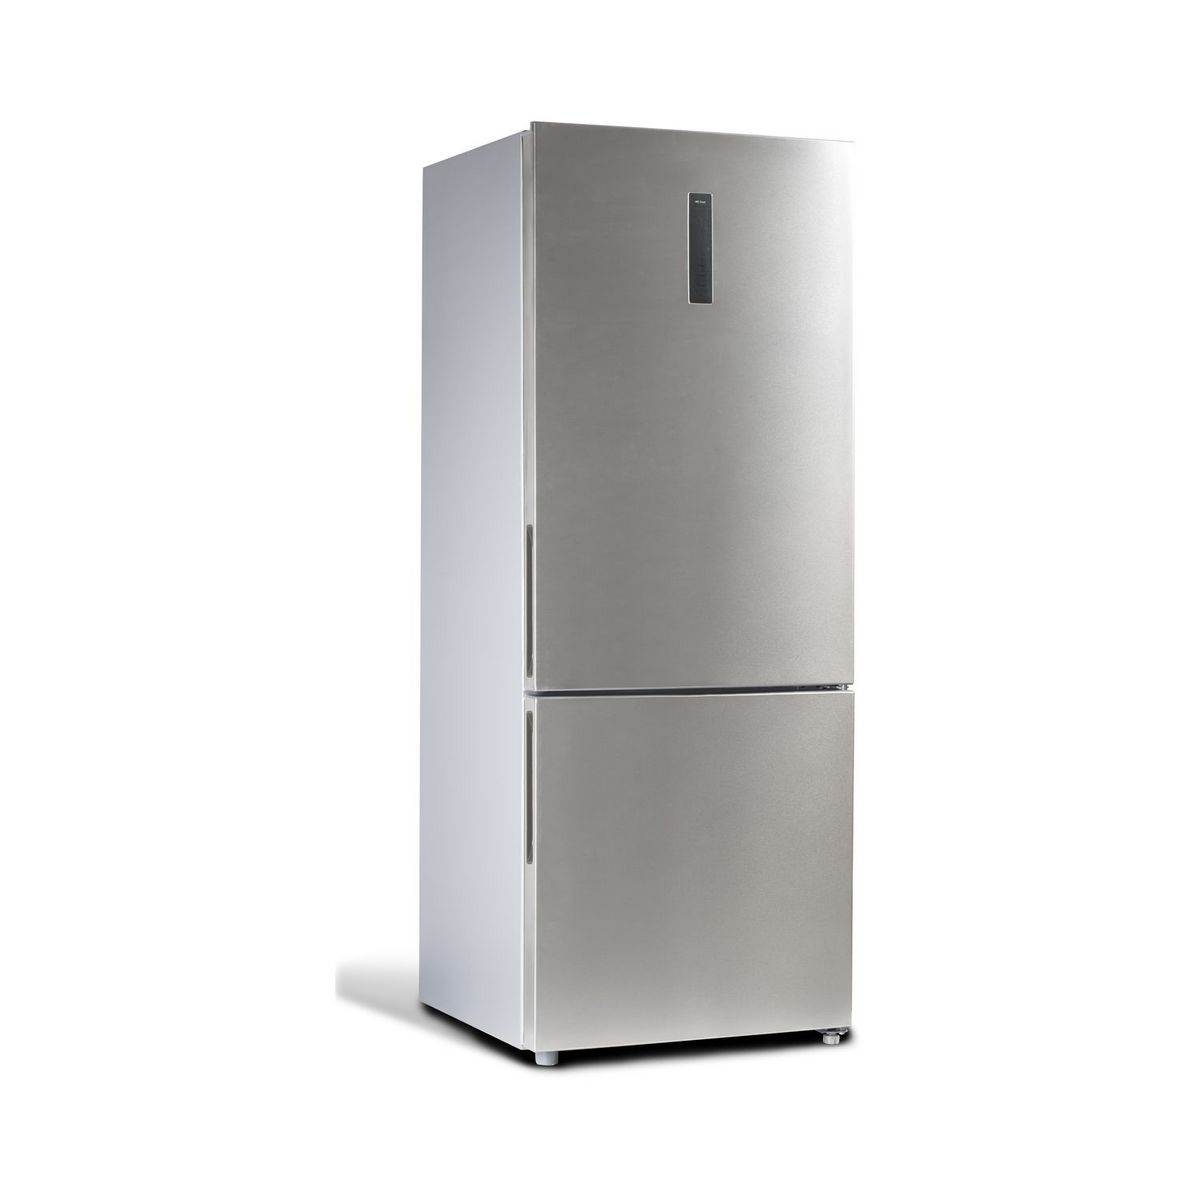 Réfrigérateur combiné 154615, 432 L, Froid no frost